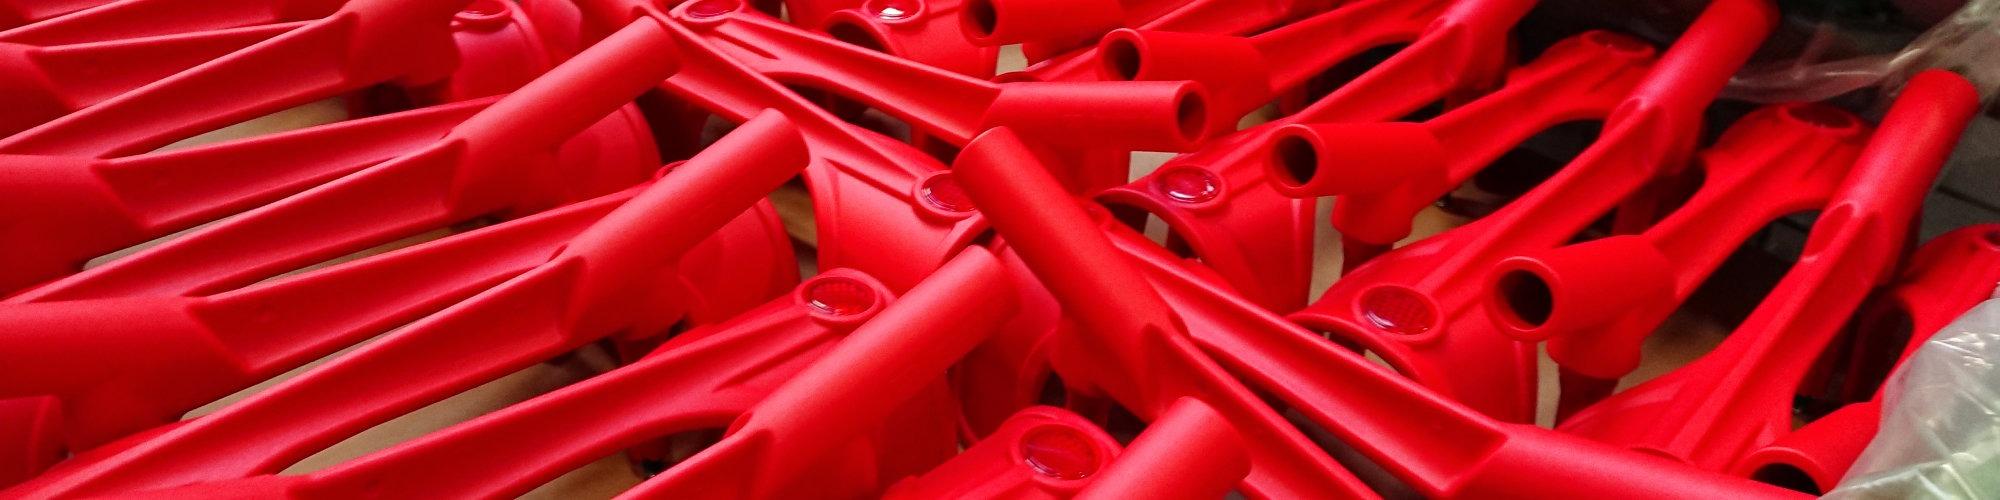 Foto mit roten Gehhilfen